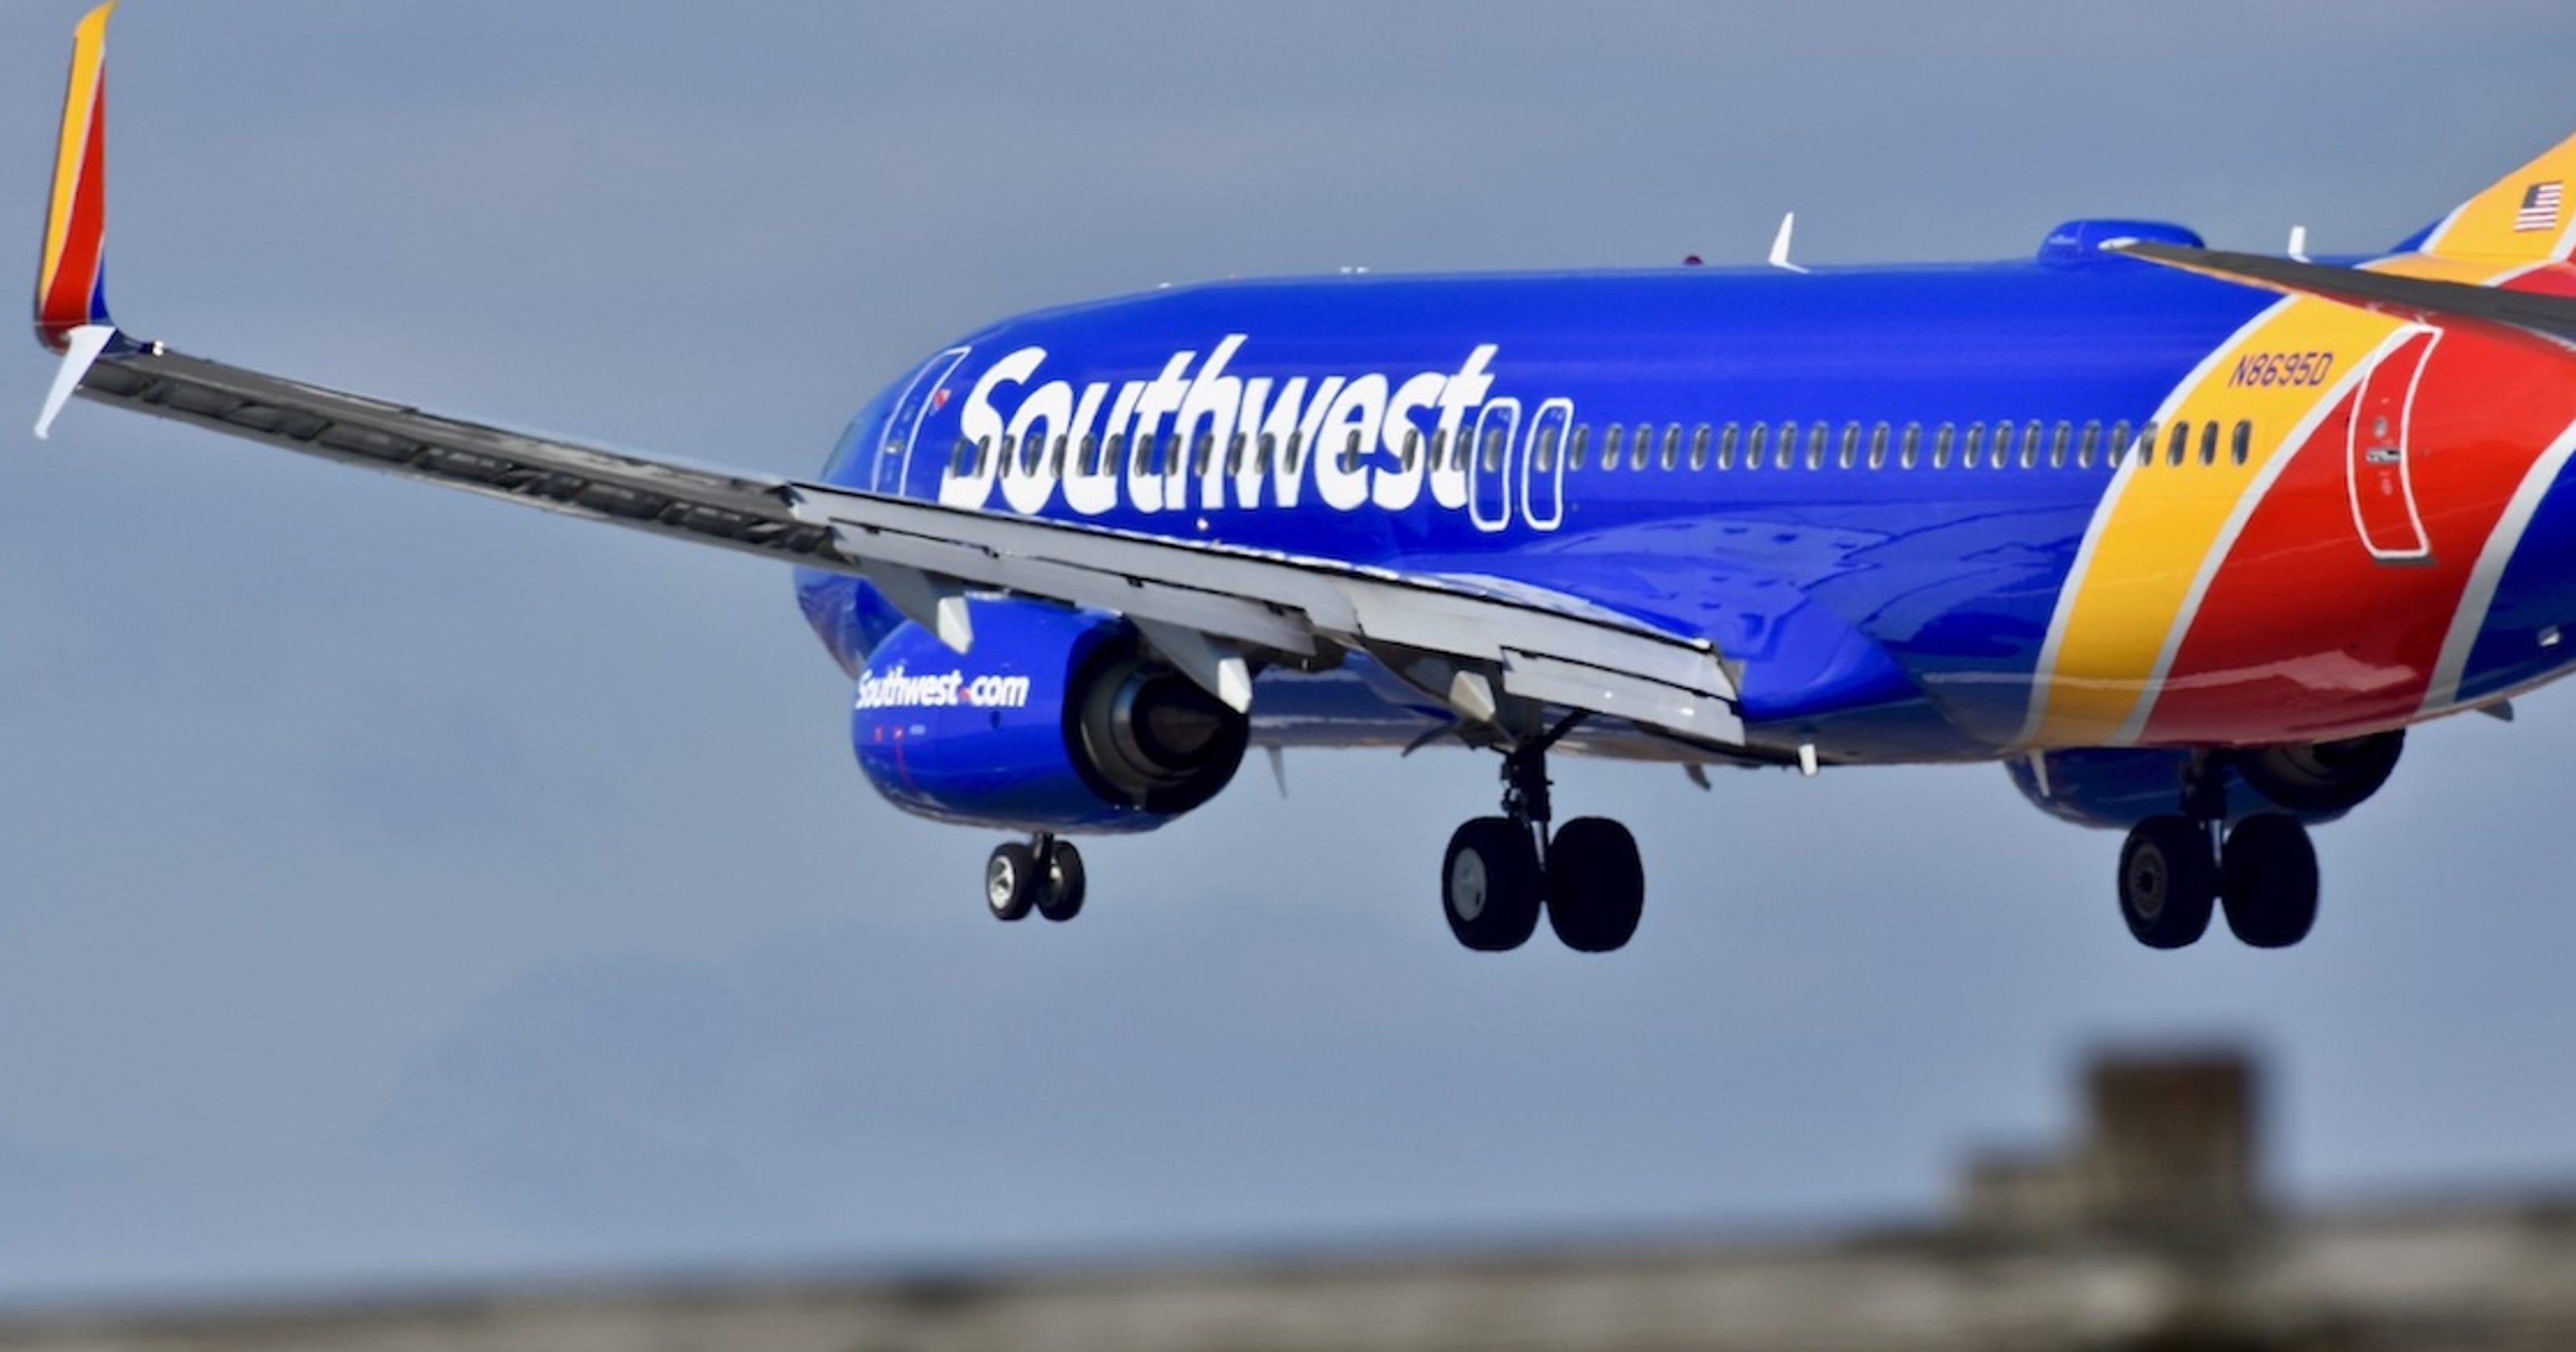 go southwest